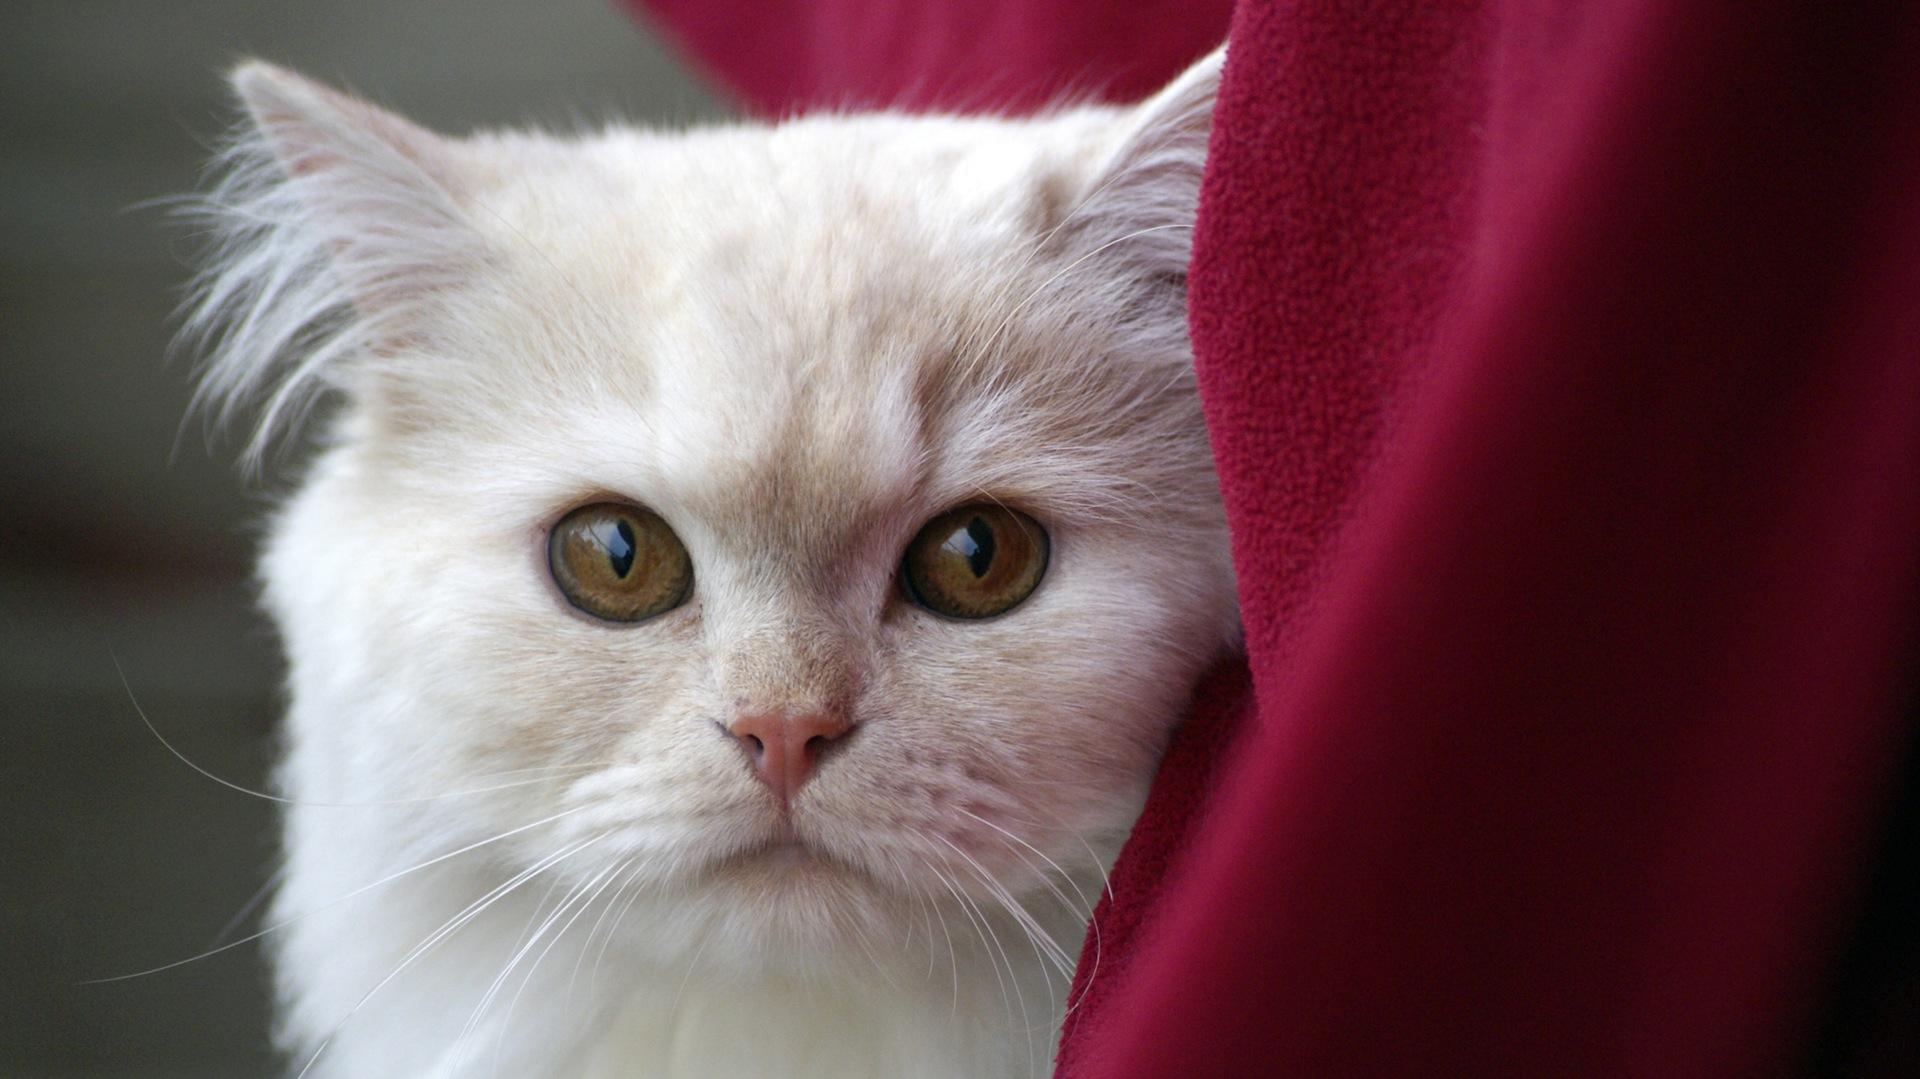 猫, ペット, 目, 外観, ホワイト - HD の壁紙 - 教授-falken.com